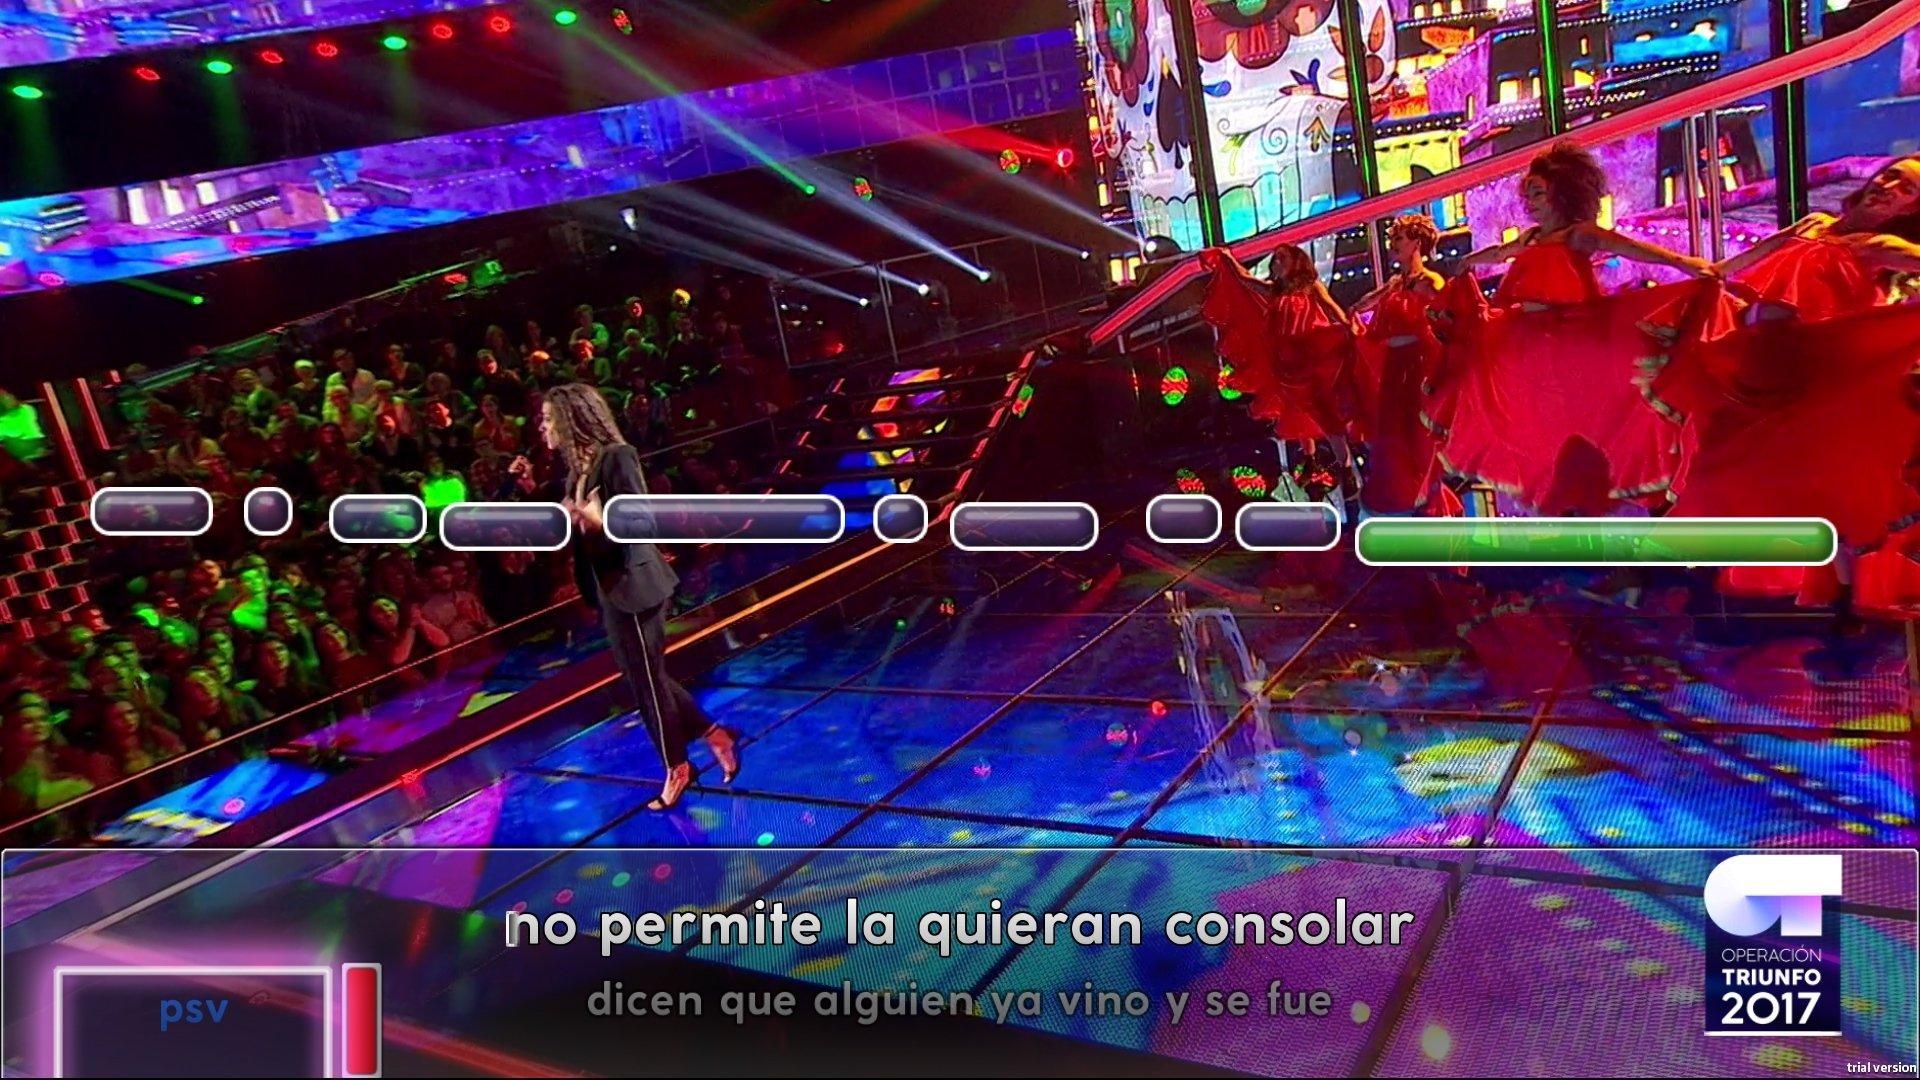 Operación Triunfo 2017 - PlayStation 4: Amazon.es: Videojuegos